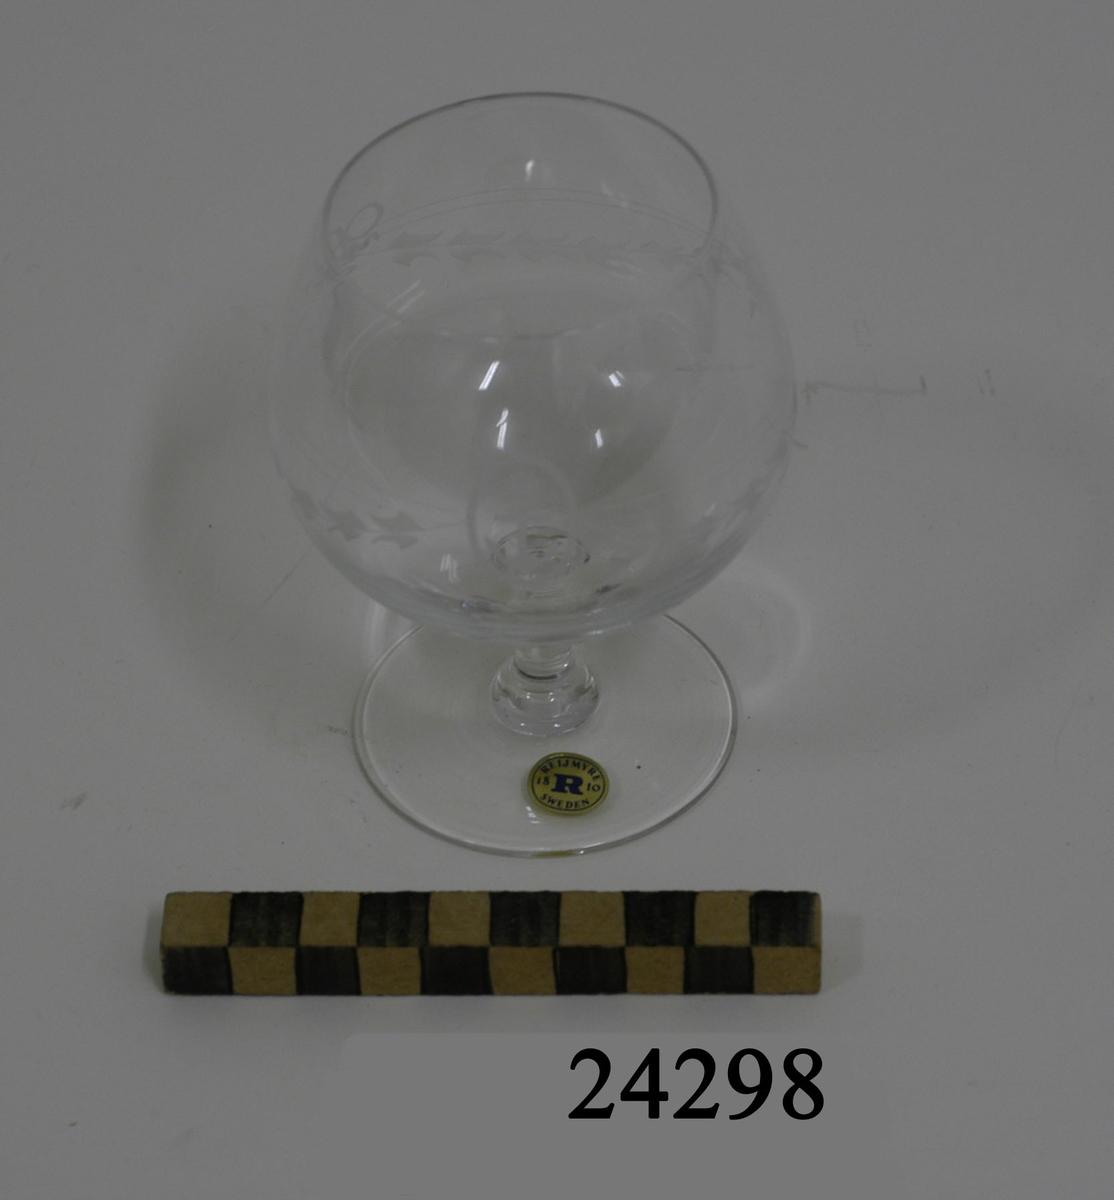 """Handblåst konjakskupa bestående av välvd kupa, runt kort ben och rund, plan fot. Kupan är försedd med slipning: två tunna paralella linjer samt tre nedåtgående bågar med stiliserade blad och två stycken rosetter, samt etsad dekor: Ett krönt stockankare omgivet av tågvirkeslinga. På foten en rund guldfärgad etikett med blå text: """" REIJMYRE SWEDEN 18 R 10 """". Glaset förvaras i blå kartong av papp med vit text: REIJMYRE SWEDEN HANDMADE CRYSTAL, REIJMYRE SWEDEN 18 R 10 """"."""